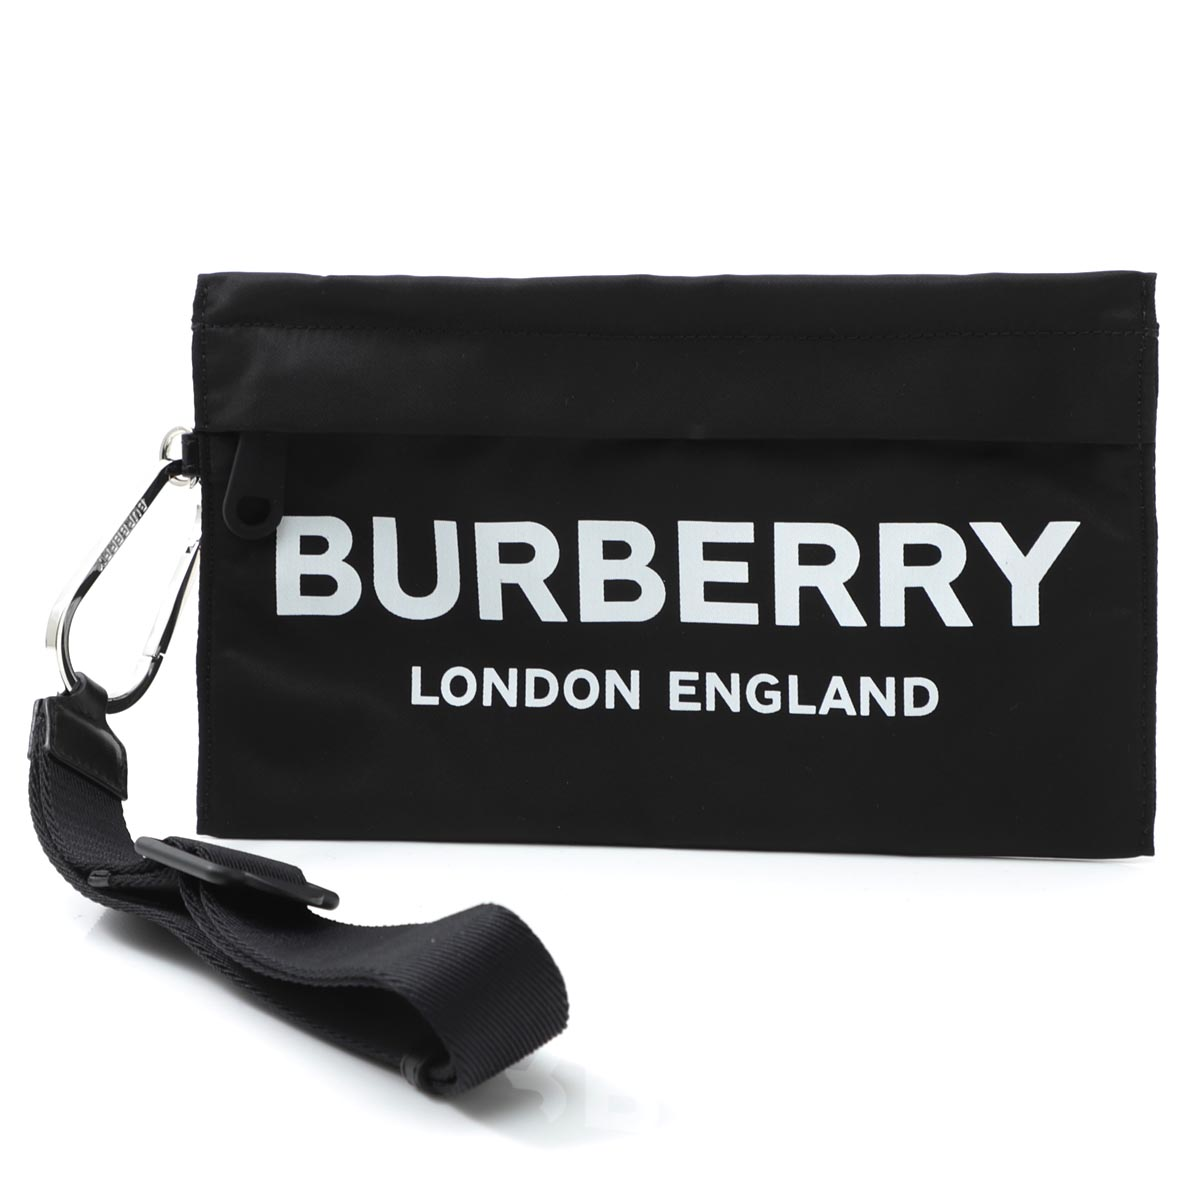 【アウトレット】バーバリー BURBERRY ポーチ ブラック レディース ギフト プレゼント 8015042 black【あす楽対応_関東】【返品送料無料】【ラッピング無料】